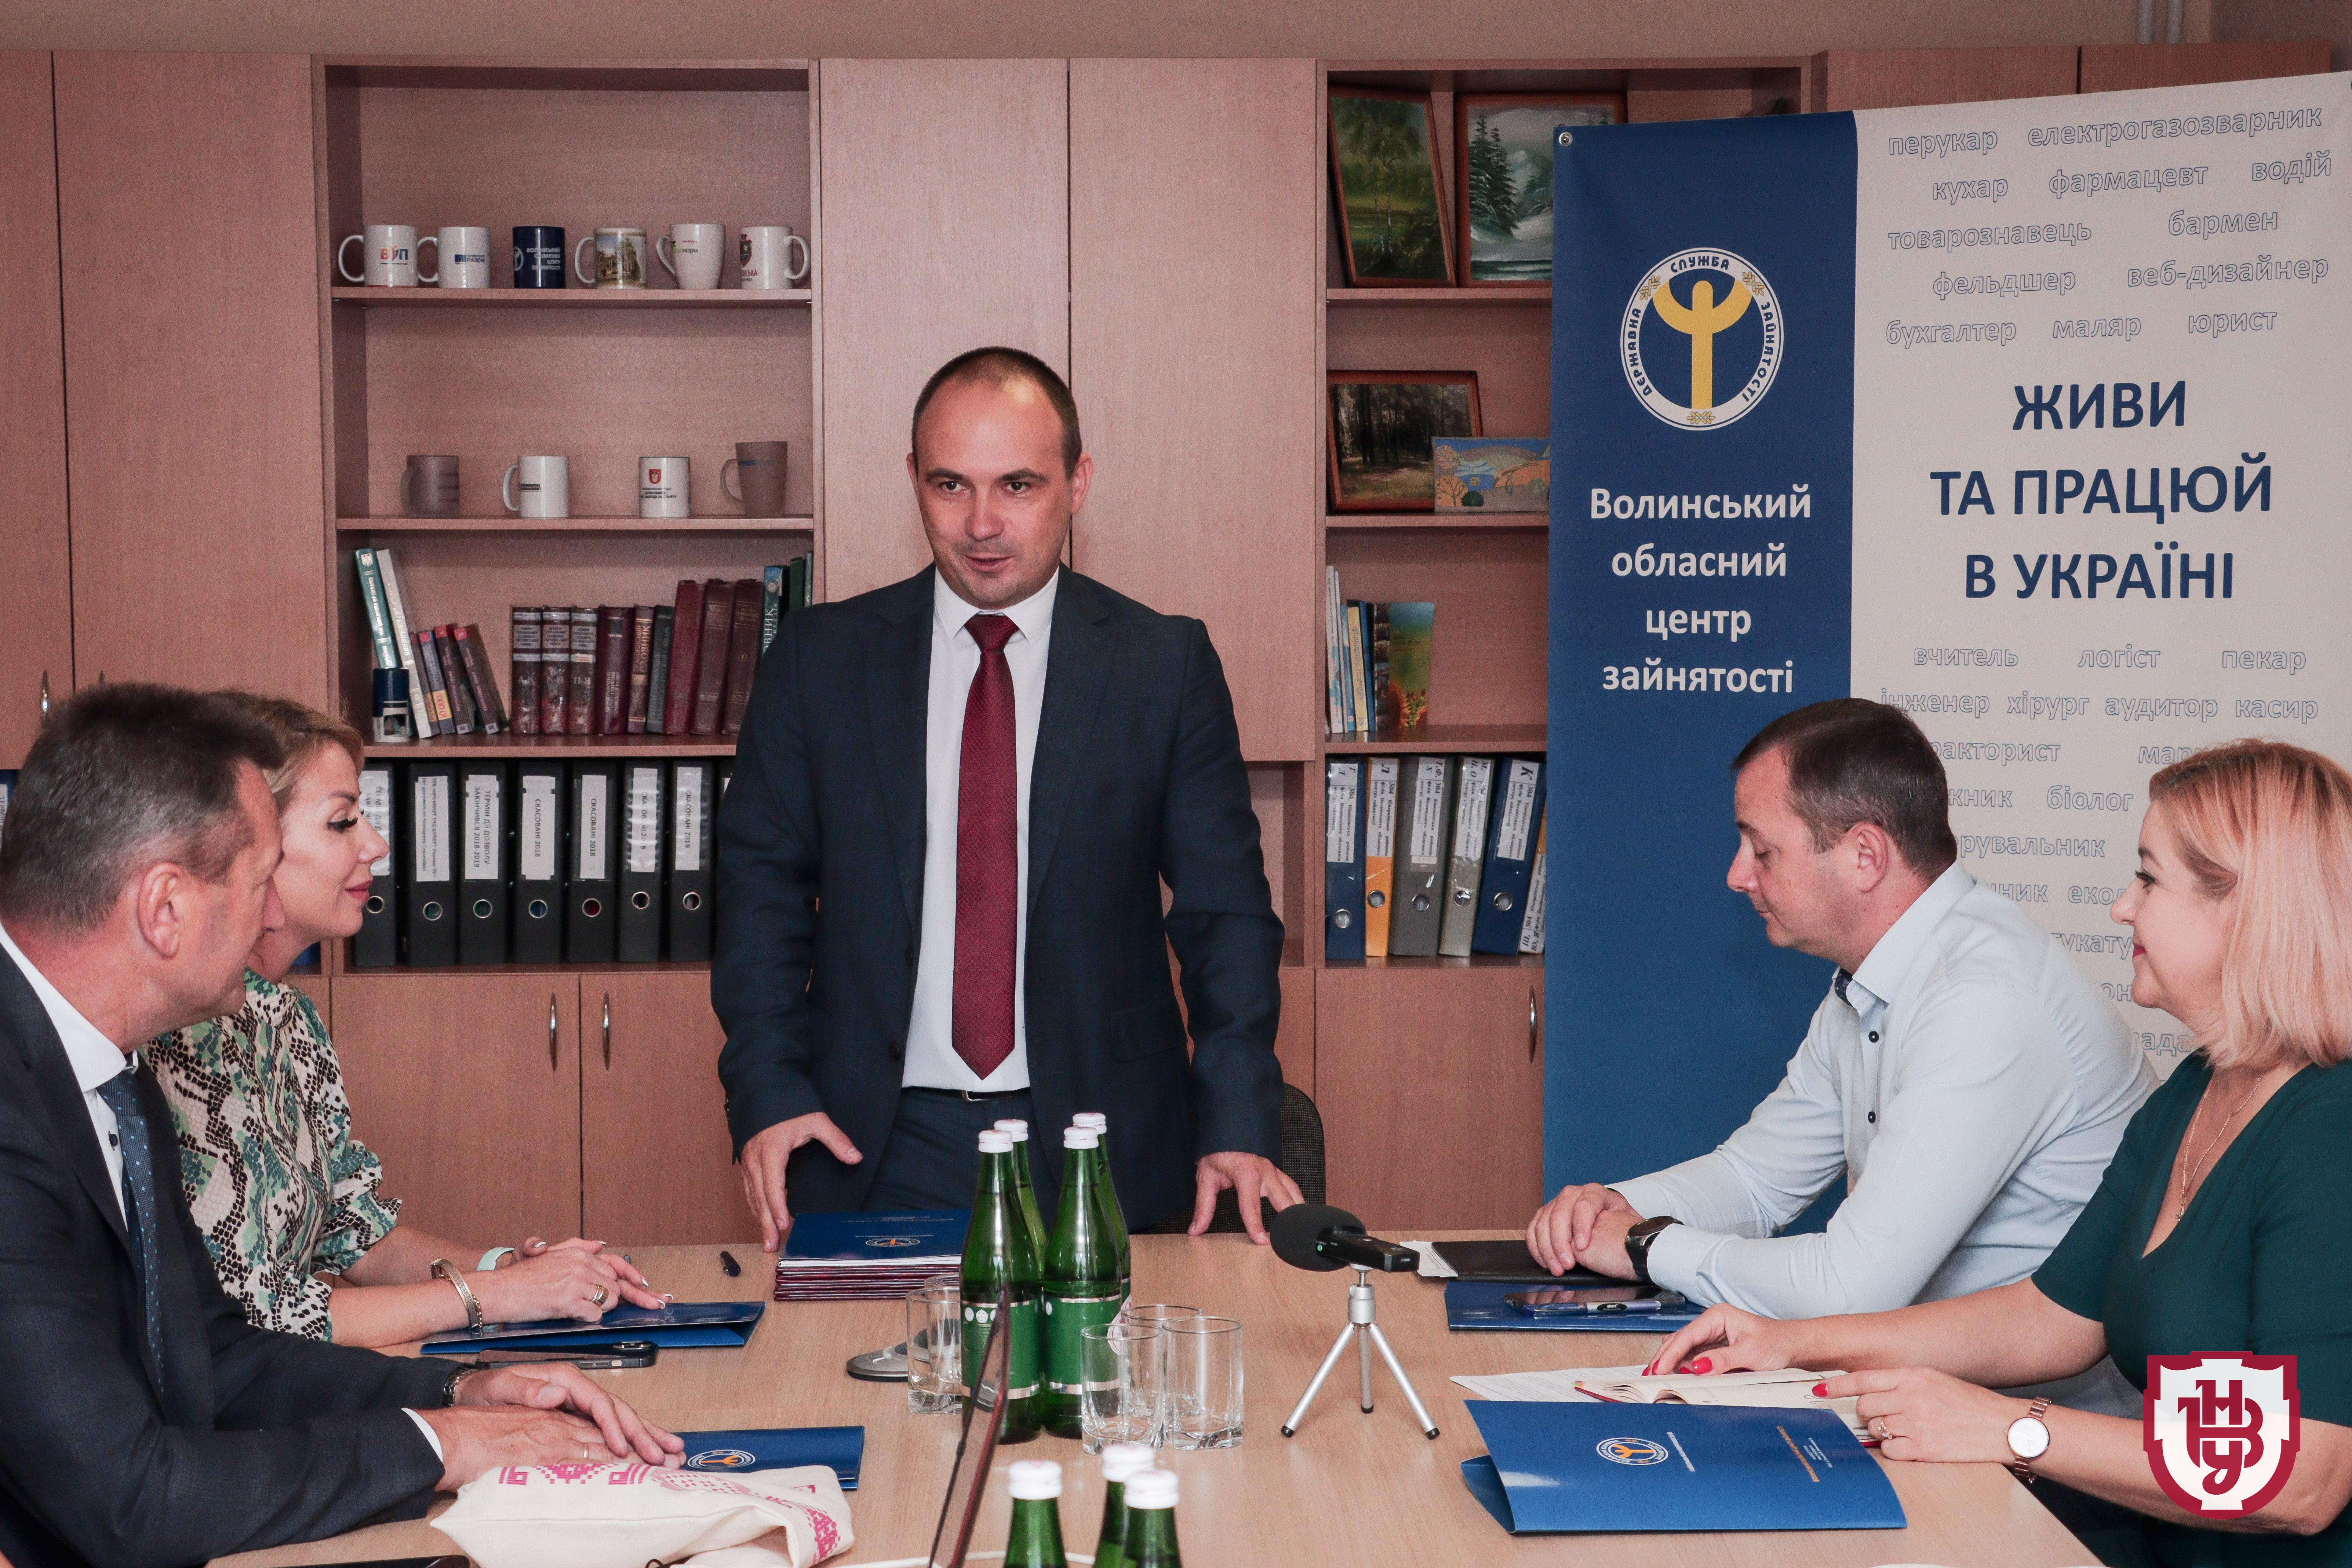 Університет і Волинський обласний центр зайнятості домовилися про спільні проєкти